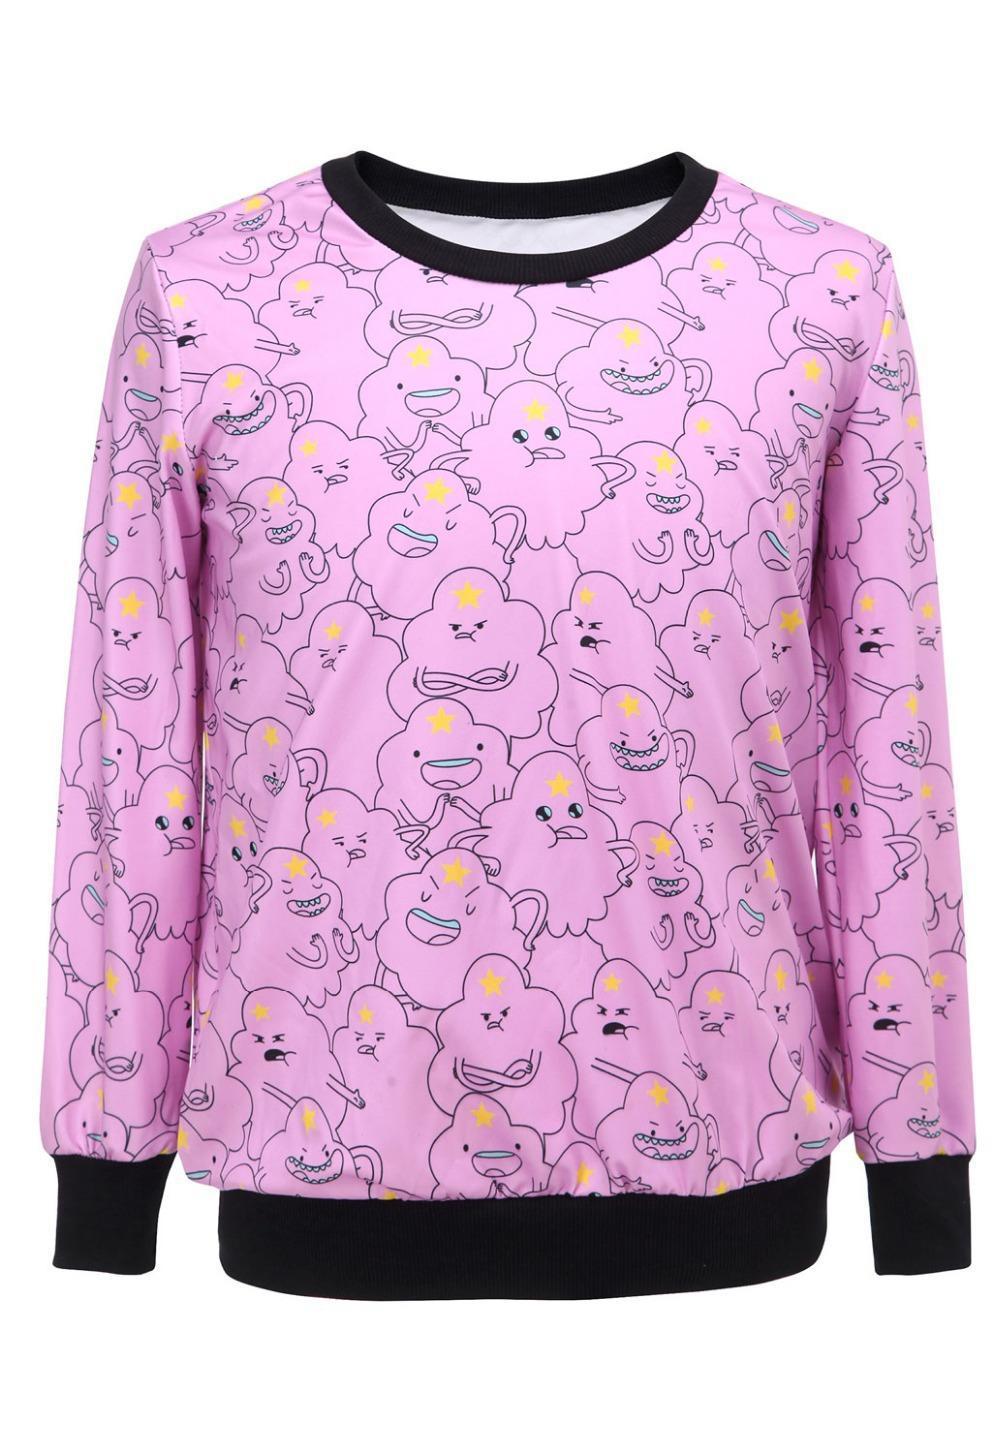 Rosa simpatico cartone animato disegno t shirt da donna